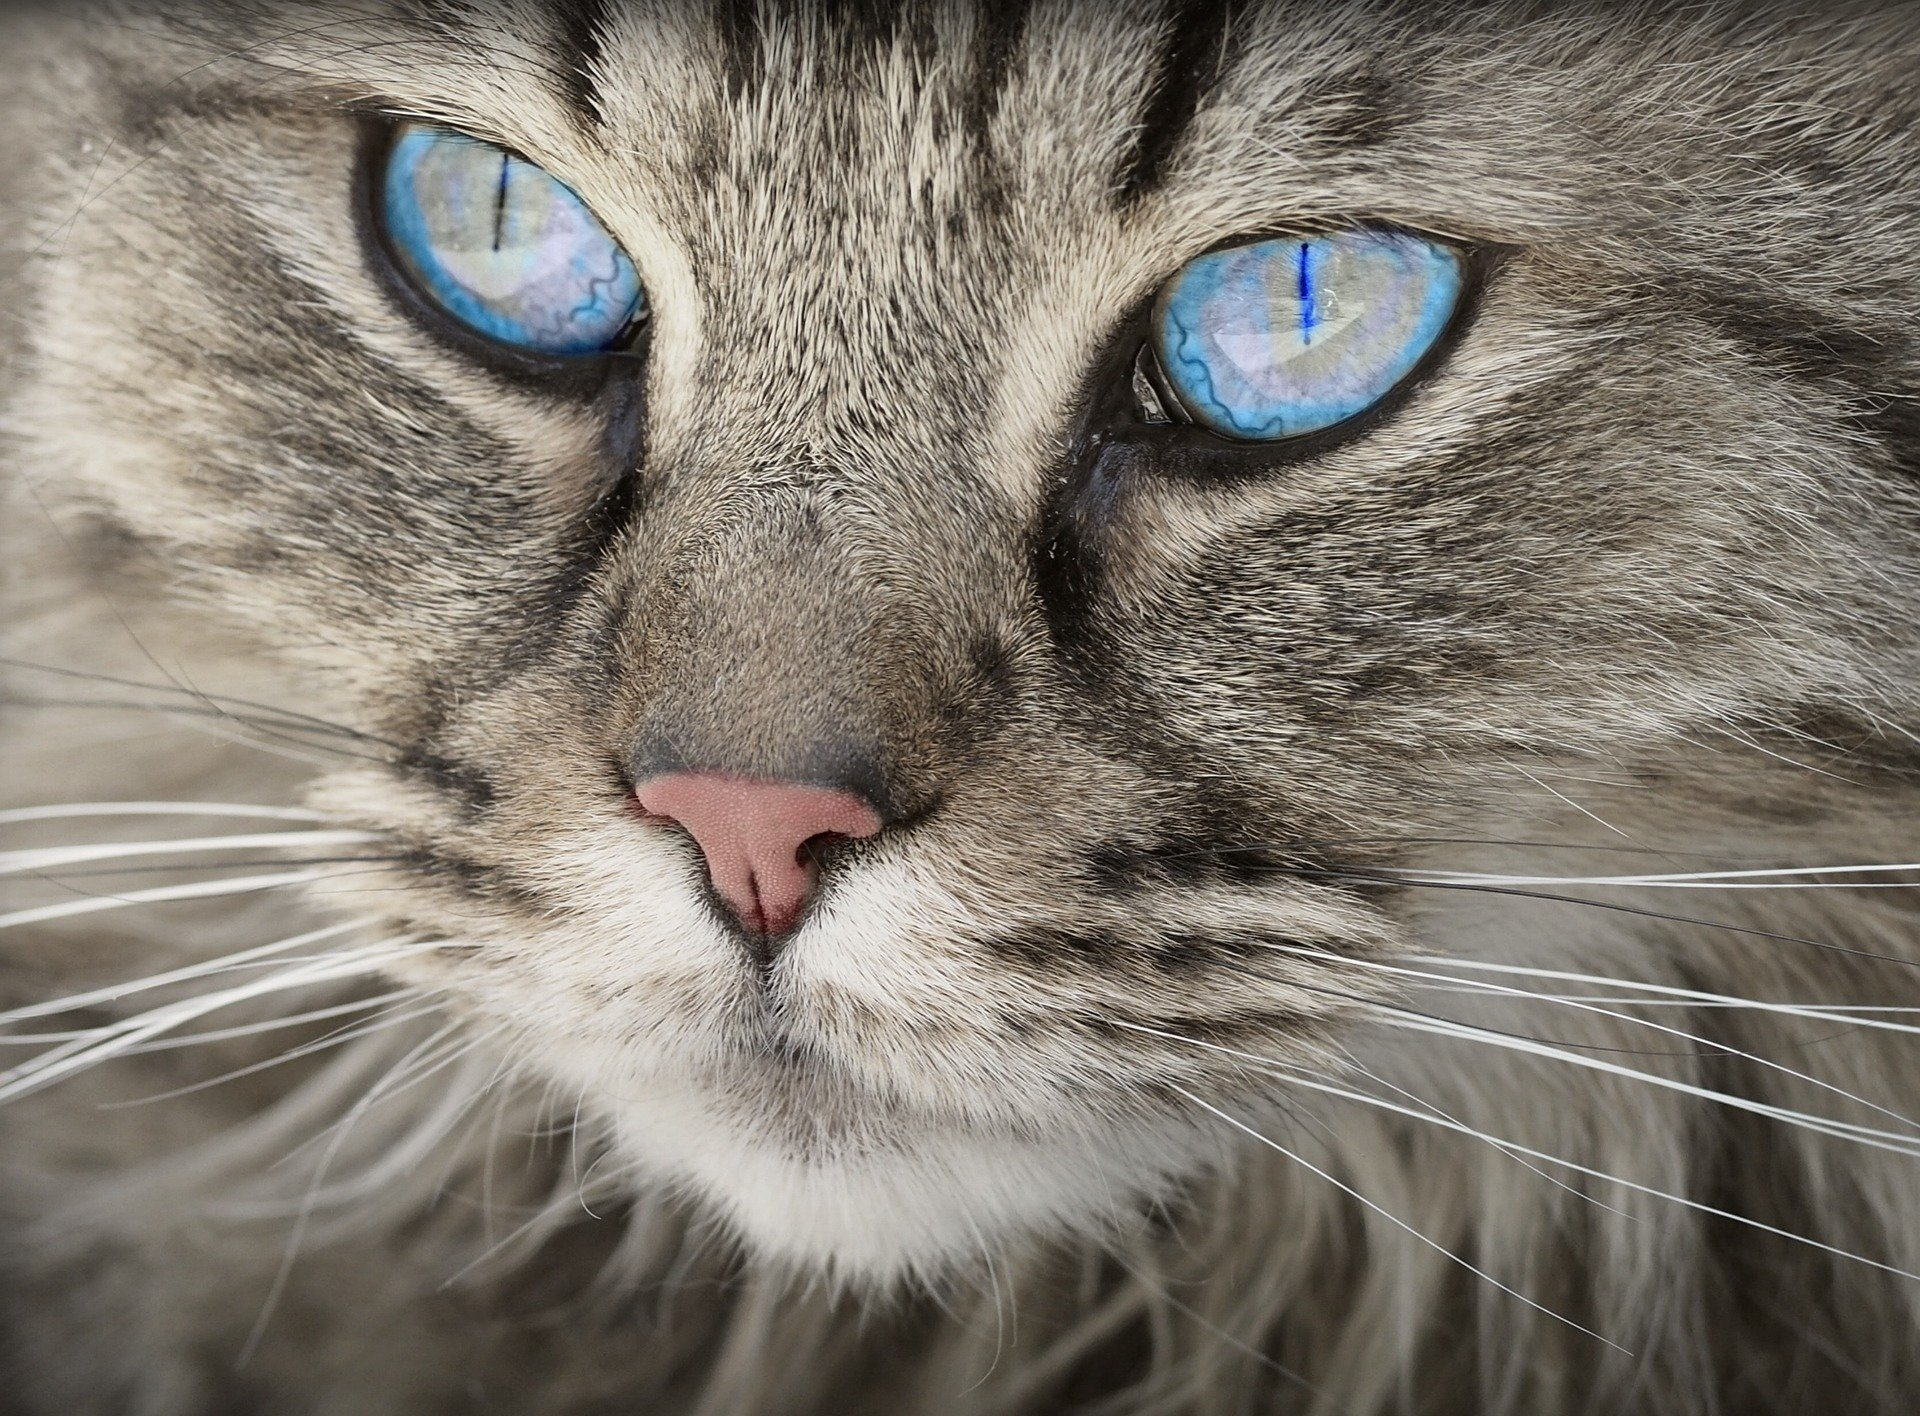 Los gatos no siempre se dejarán acariciar cuando queramos